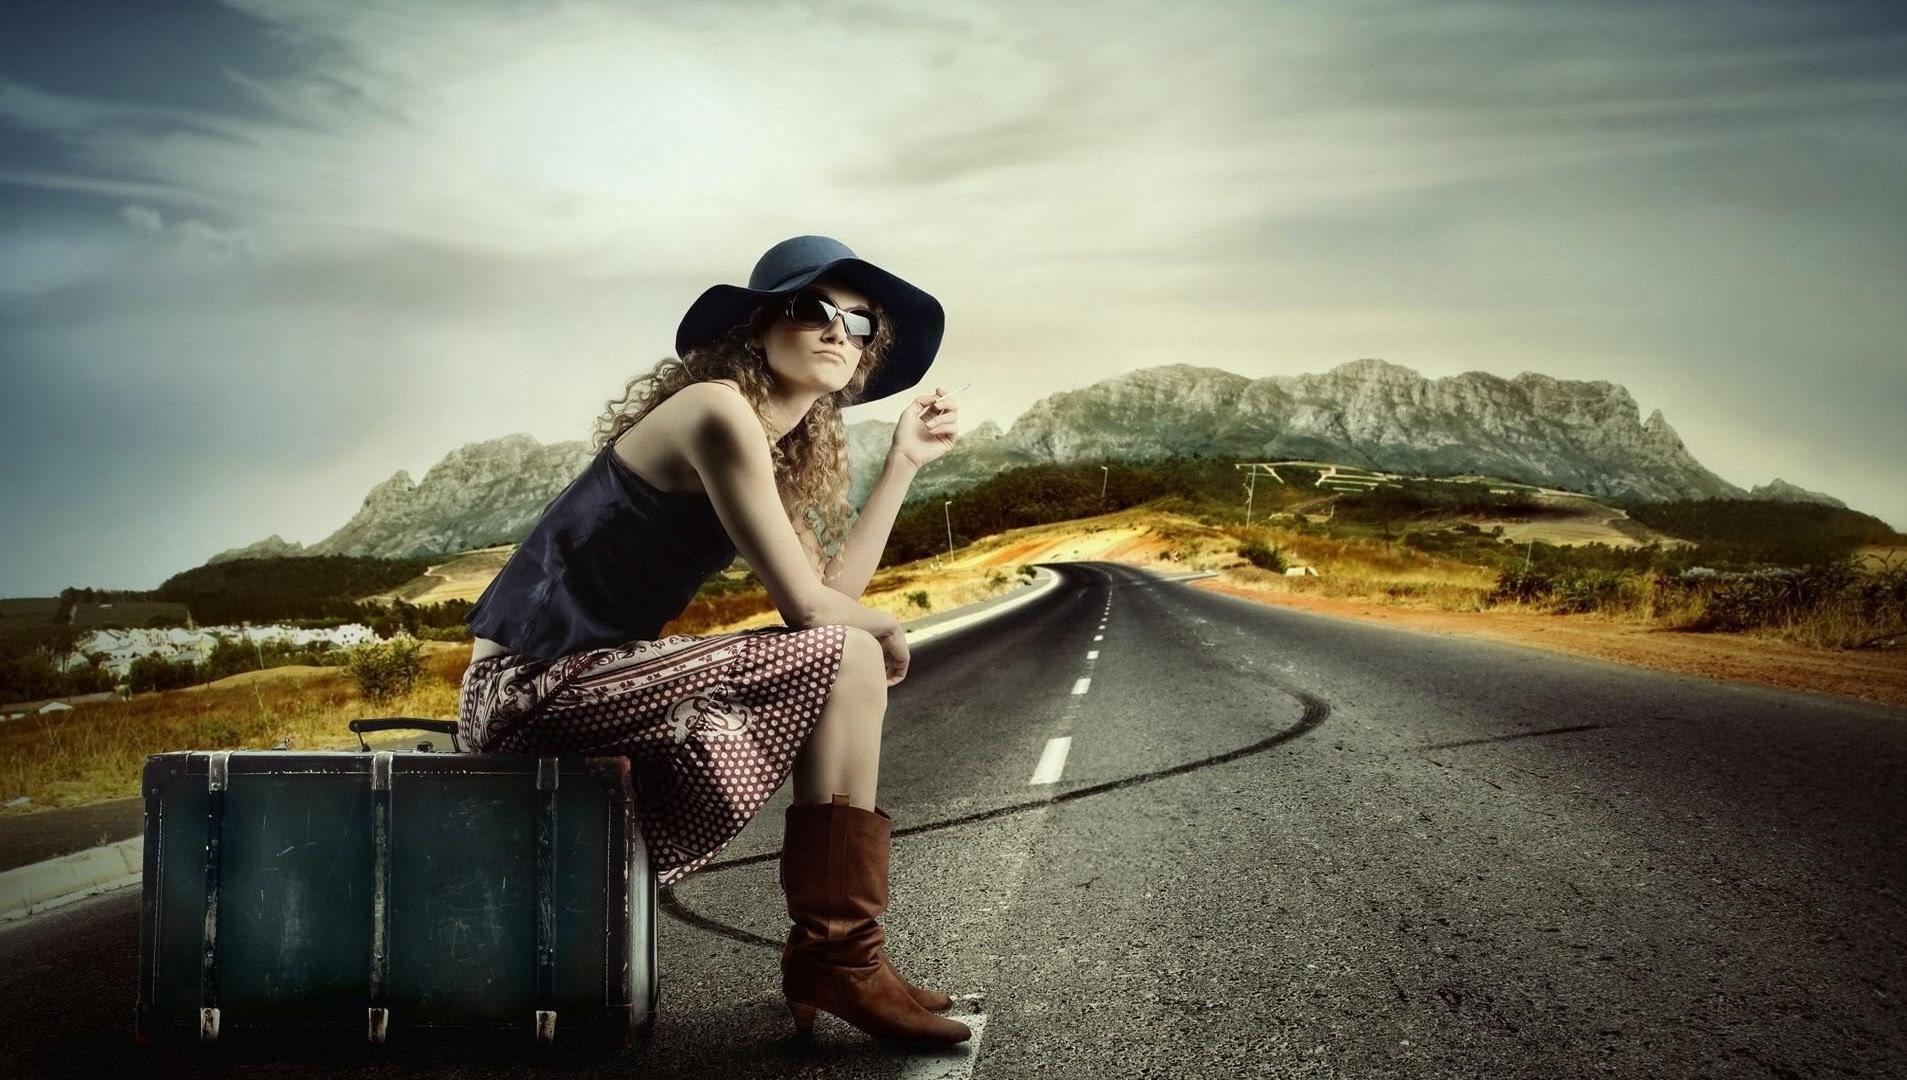 Bảo hiểm tai nạn cá nhân trong bảo hiểm du lịch là gì?